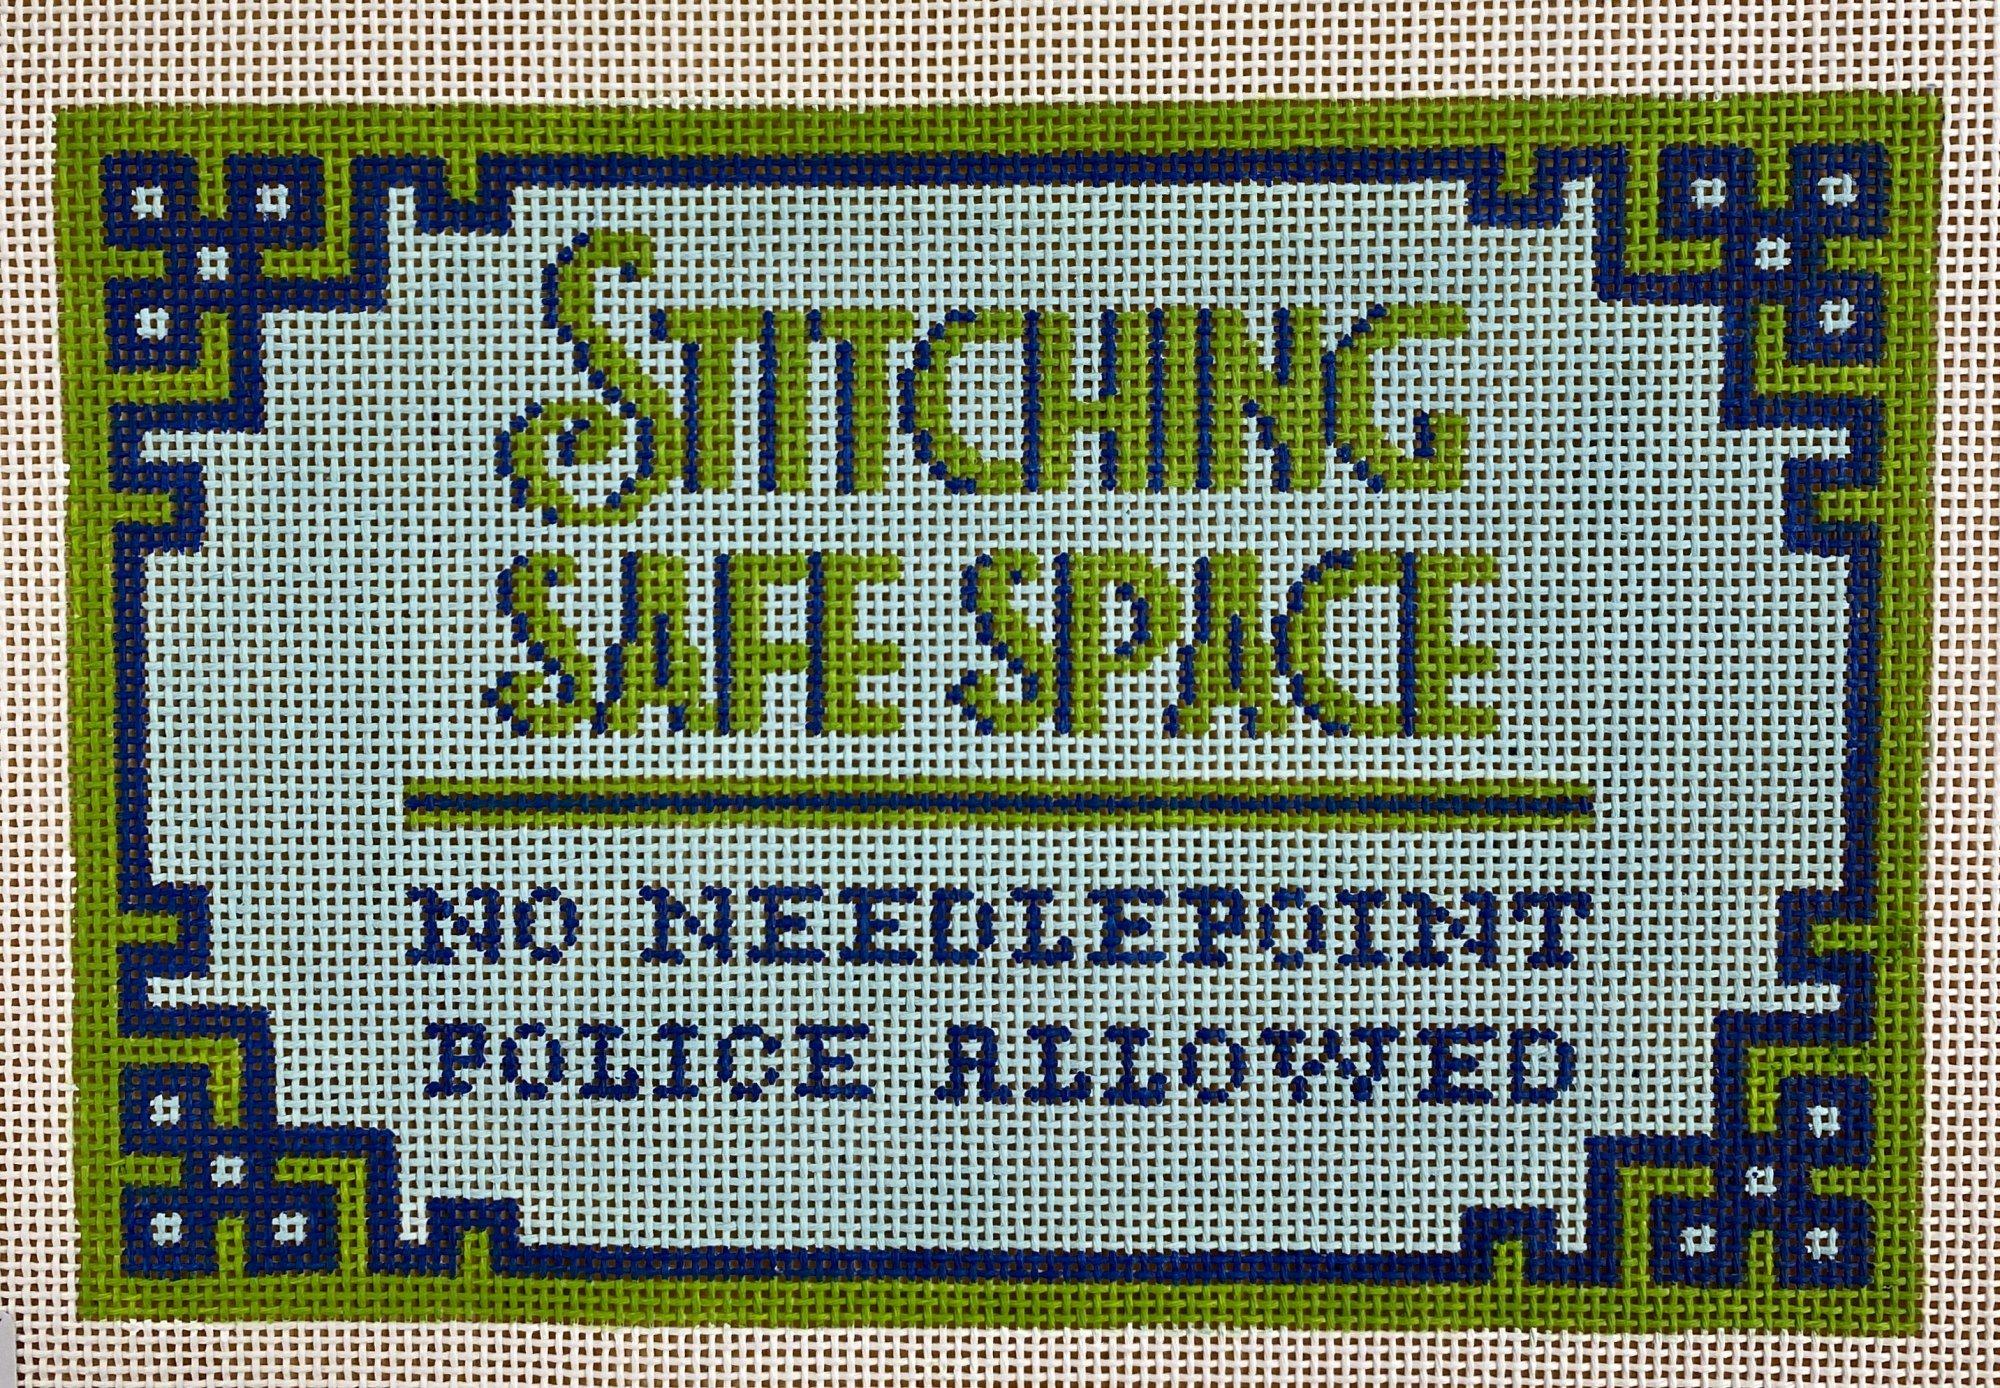 stitching safe place